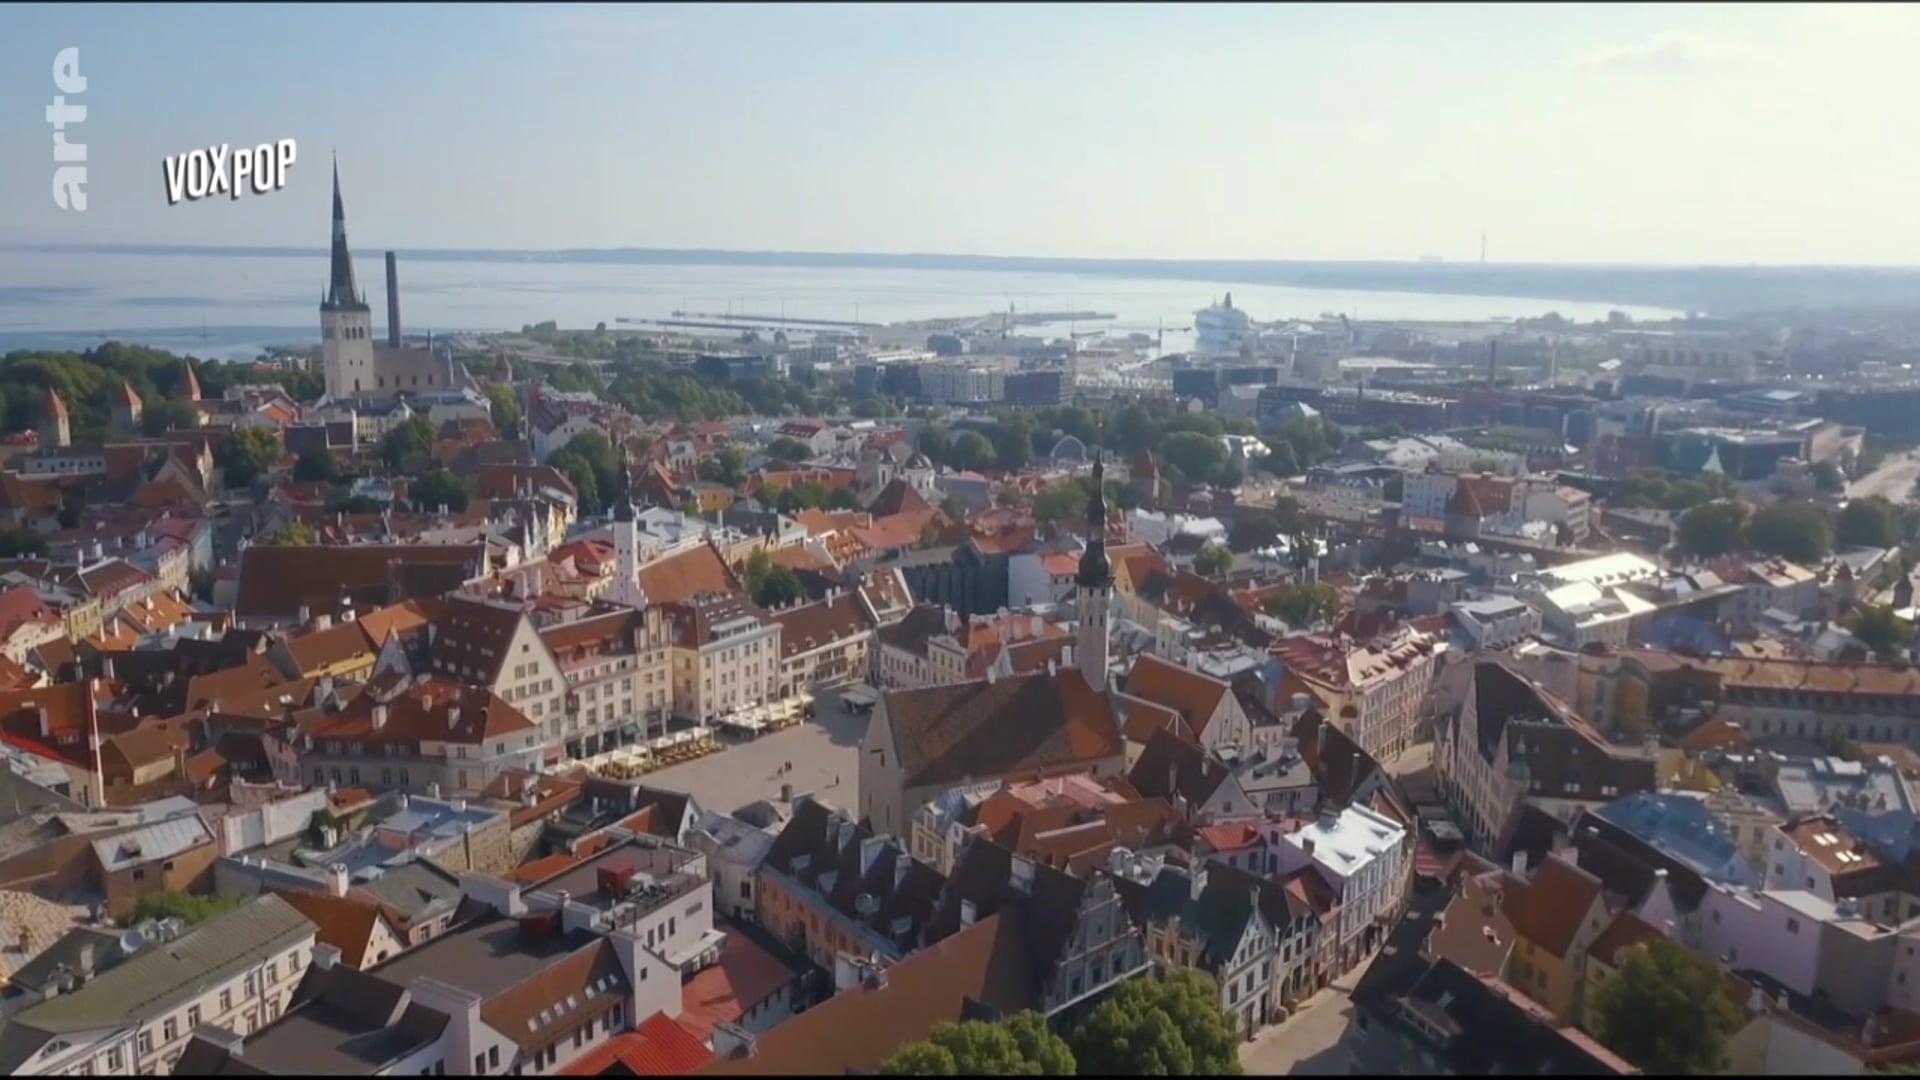 Estonie un paradis pour le blanchiment d'argent - Vox pop